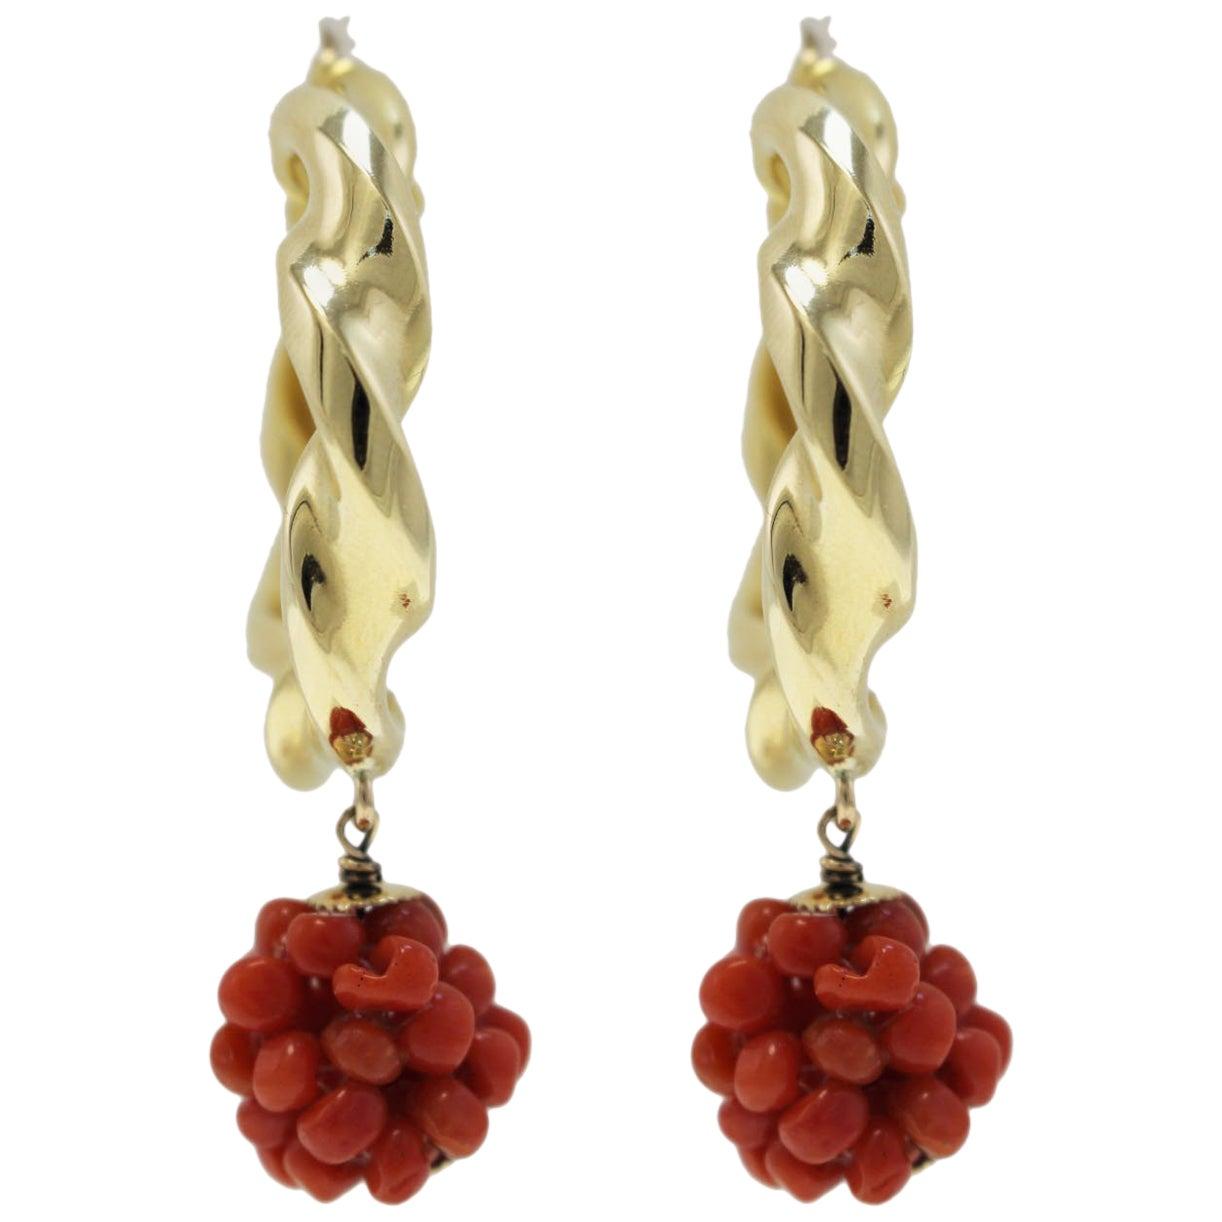 Red Coral, 18K Yellow Gold Hoop Earrings